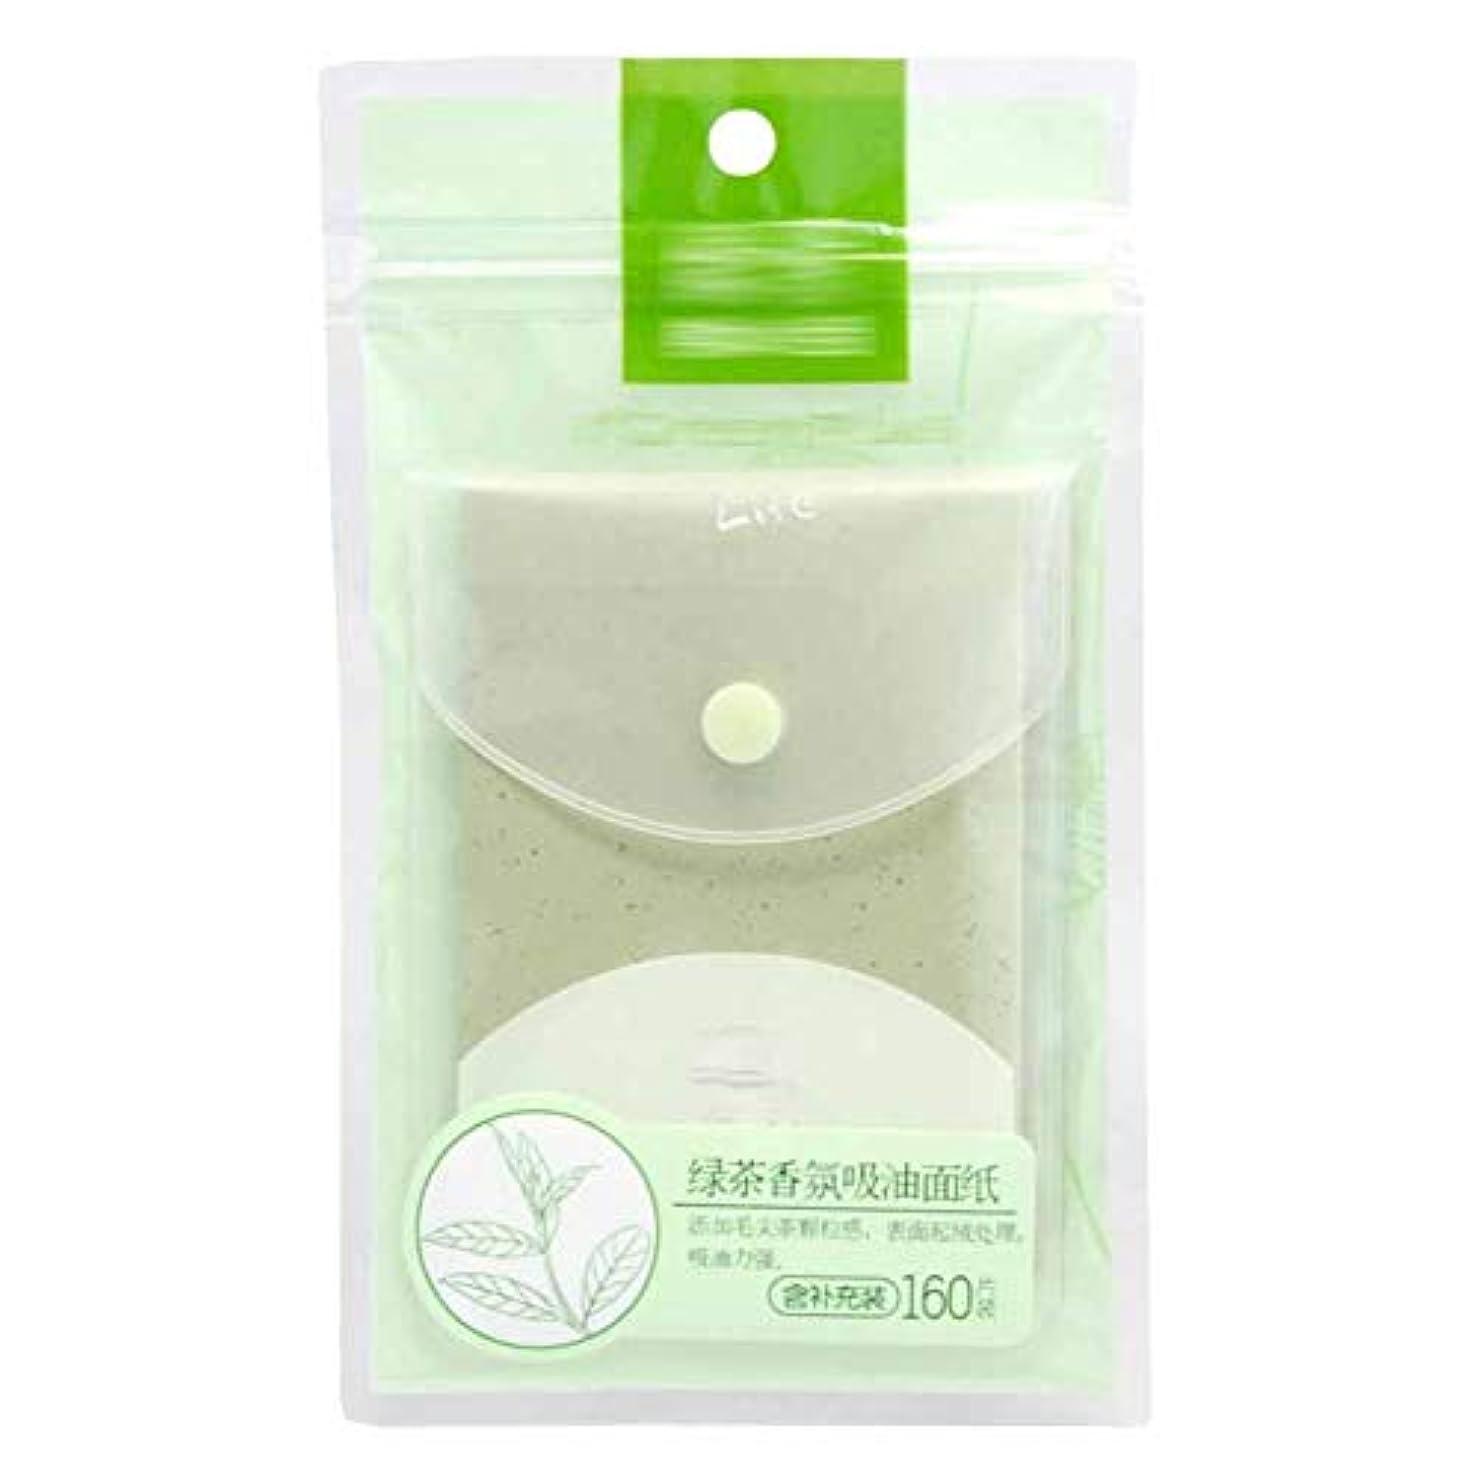 緑茶の携帯用吸油性シート、2パックの合計320シート